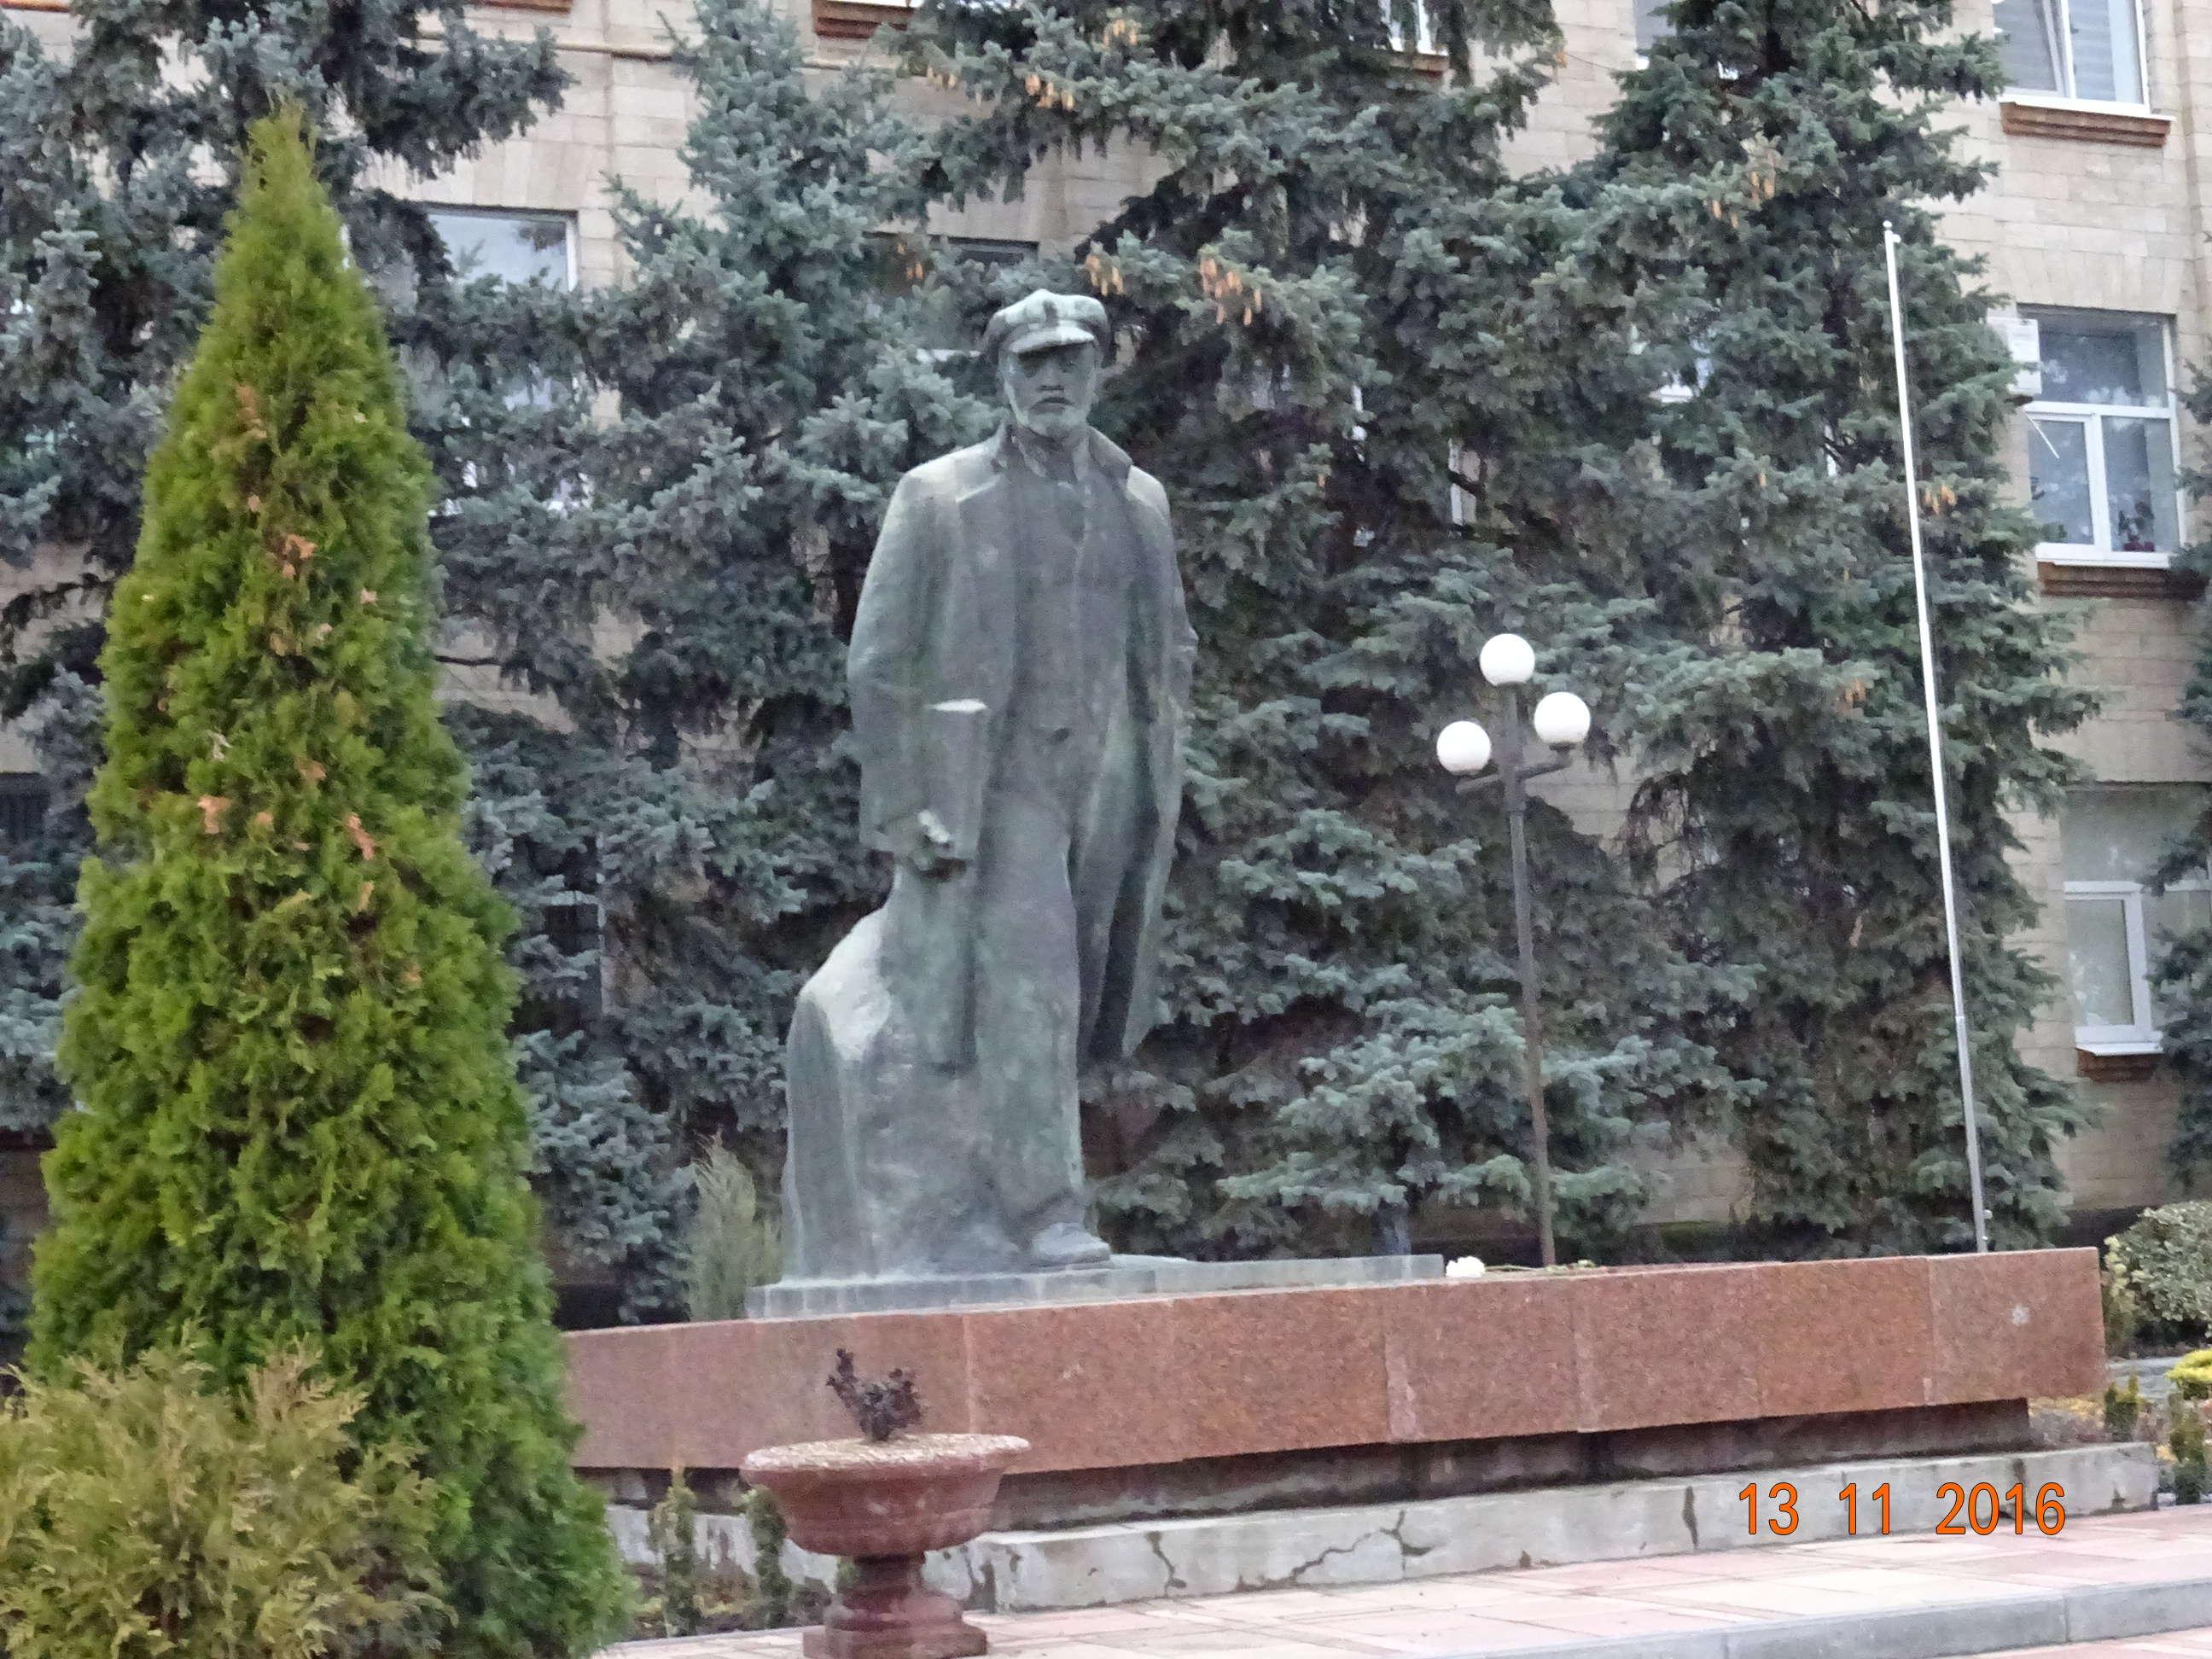 La mai puțin de 100 de metri de secția de votare din centrul capitalei Comrat se află statuia lui Lenin